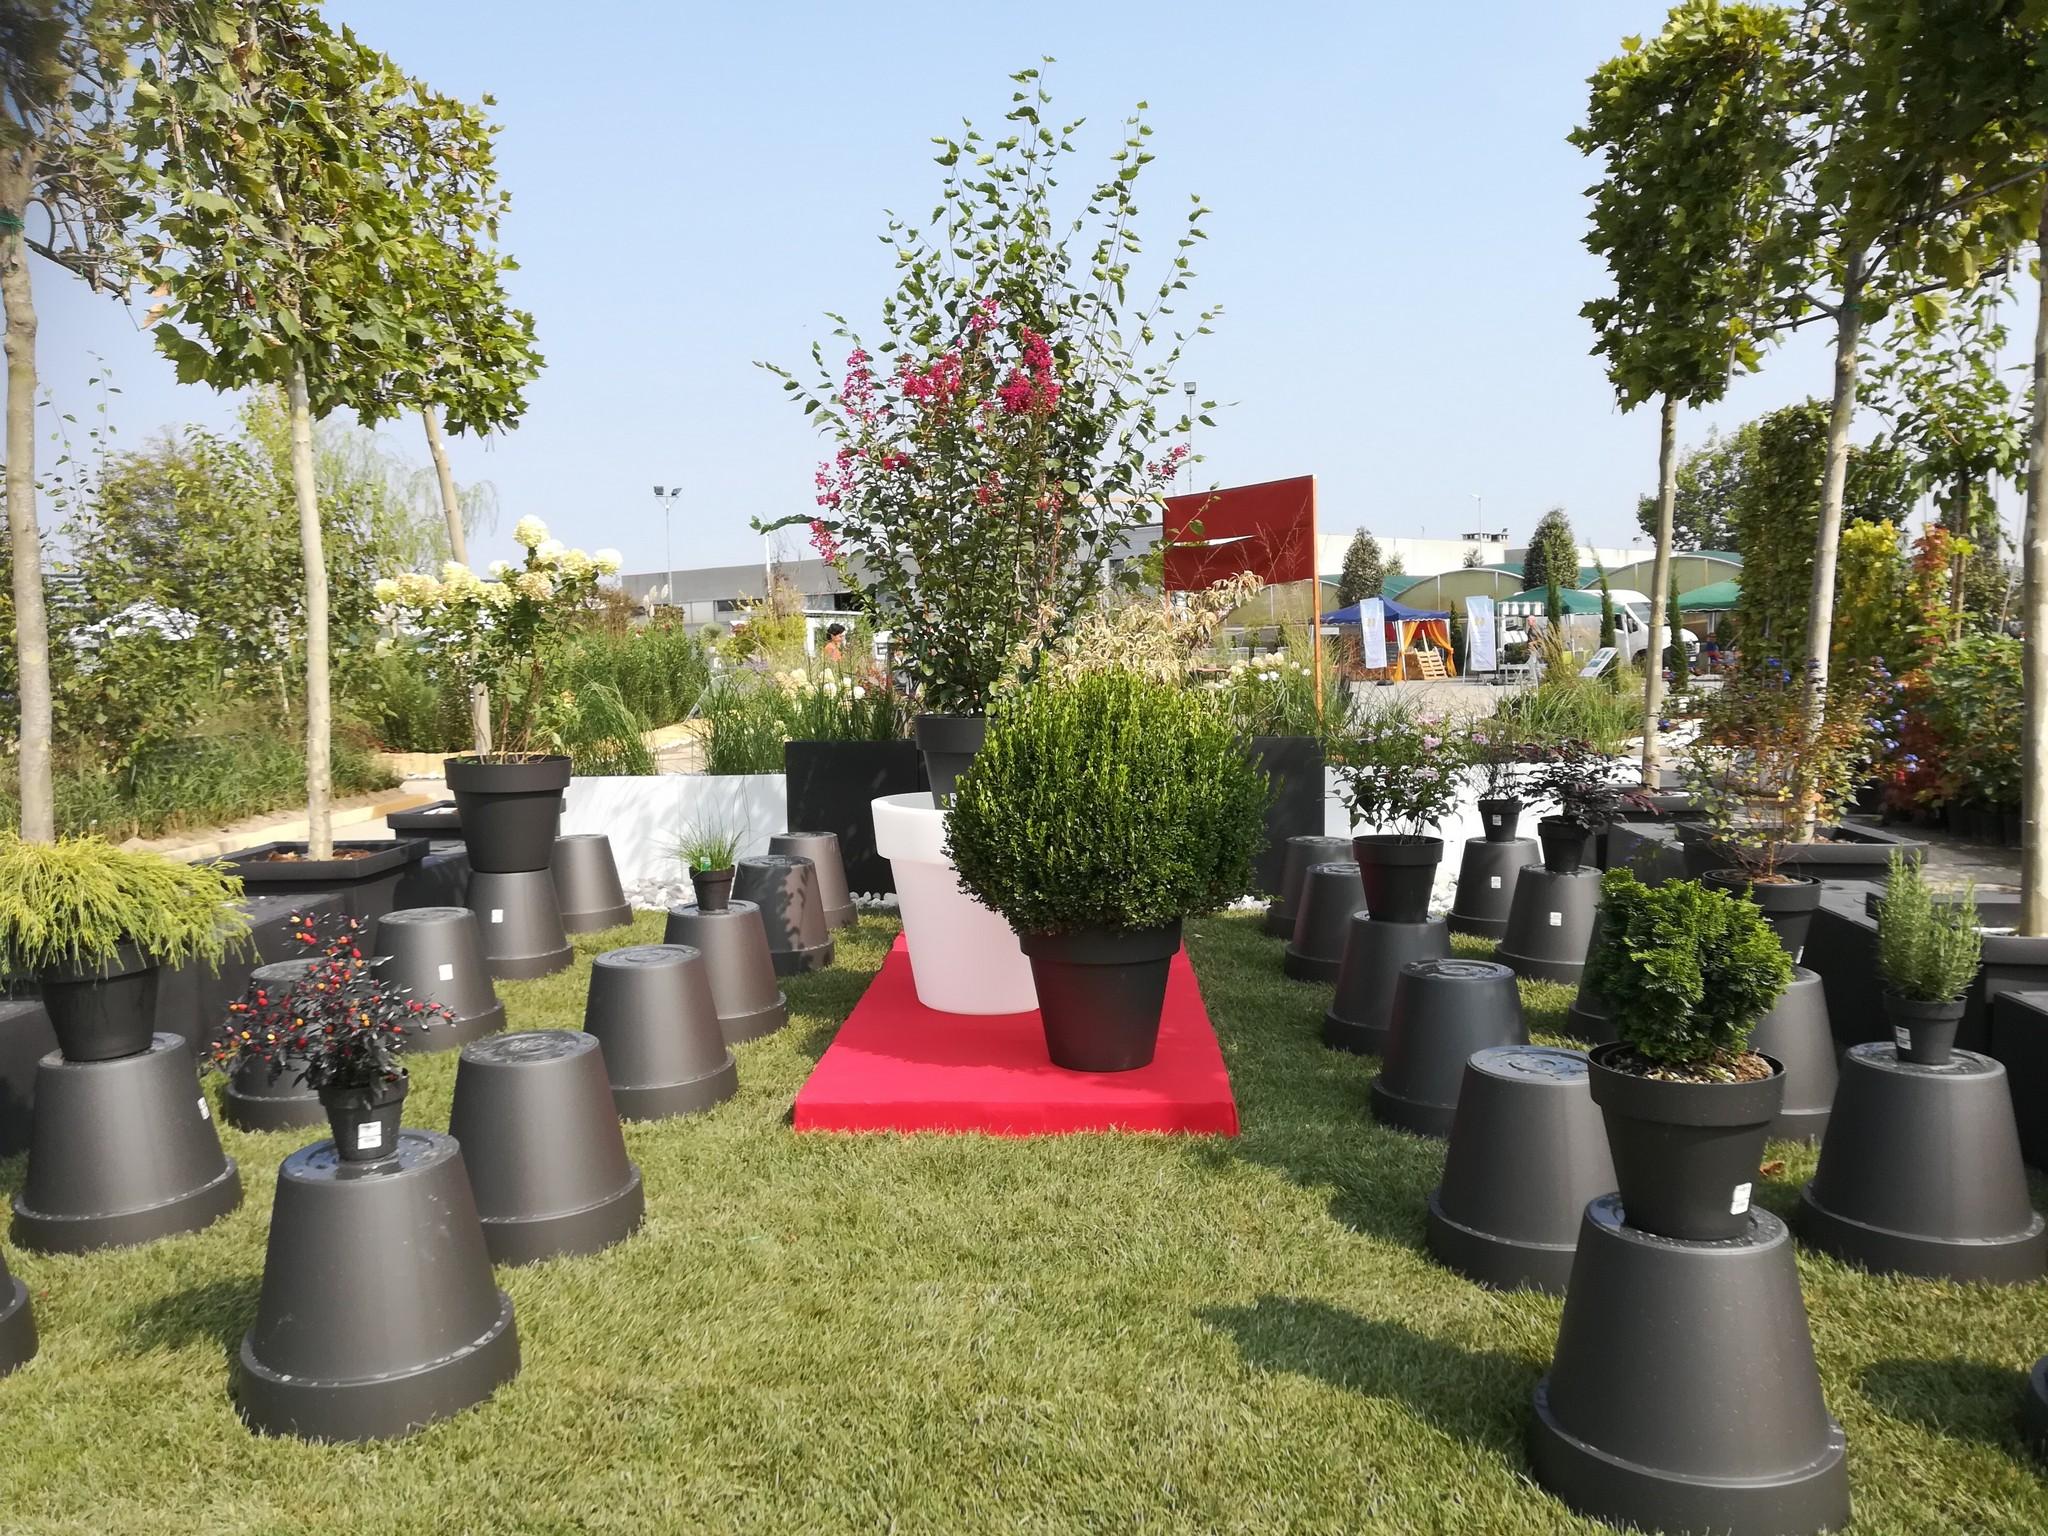 Concorso-giardini-Verdeggiando_54-Fashion-Green-Parade-7GKW3-DM-Landscape-Marica-Succi-e-Domenico-Dipinto